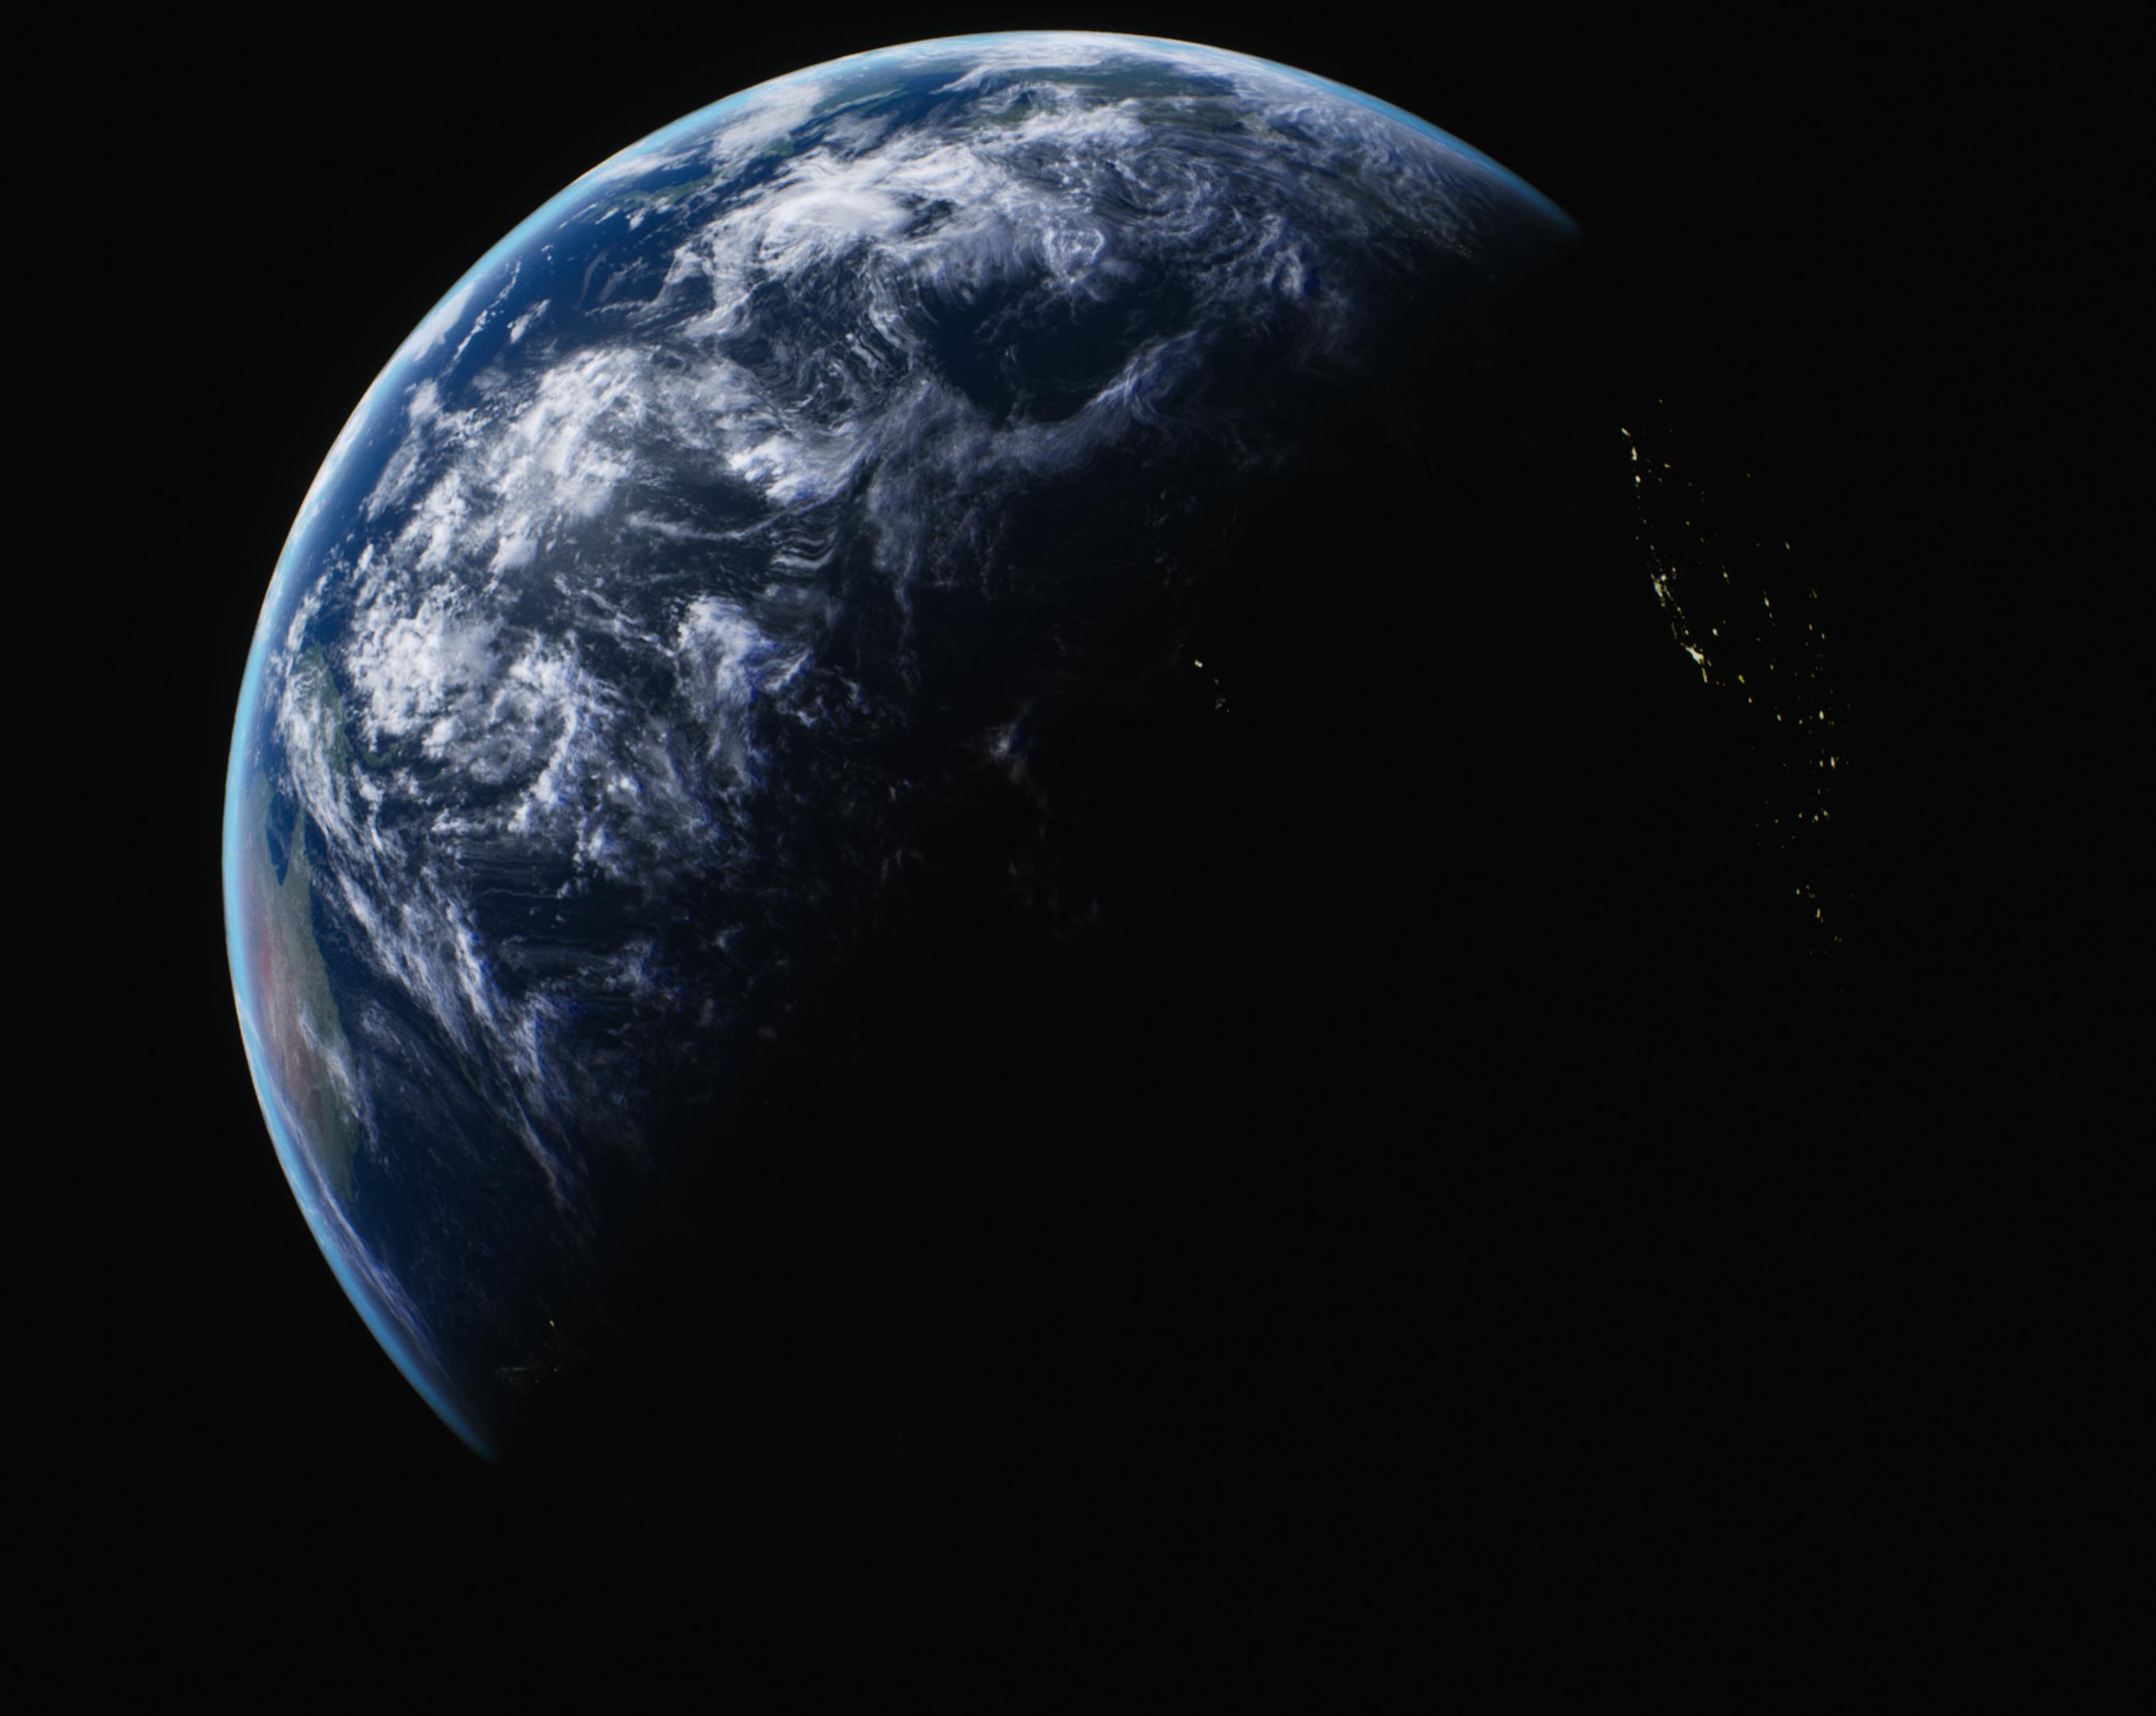 Earth beauty shot 2